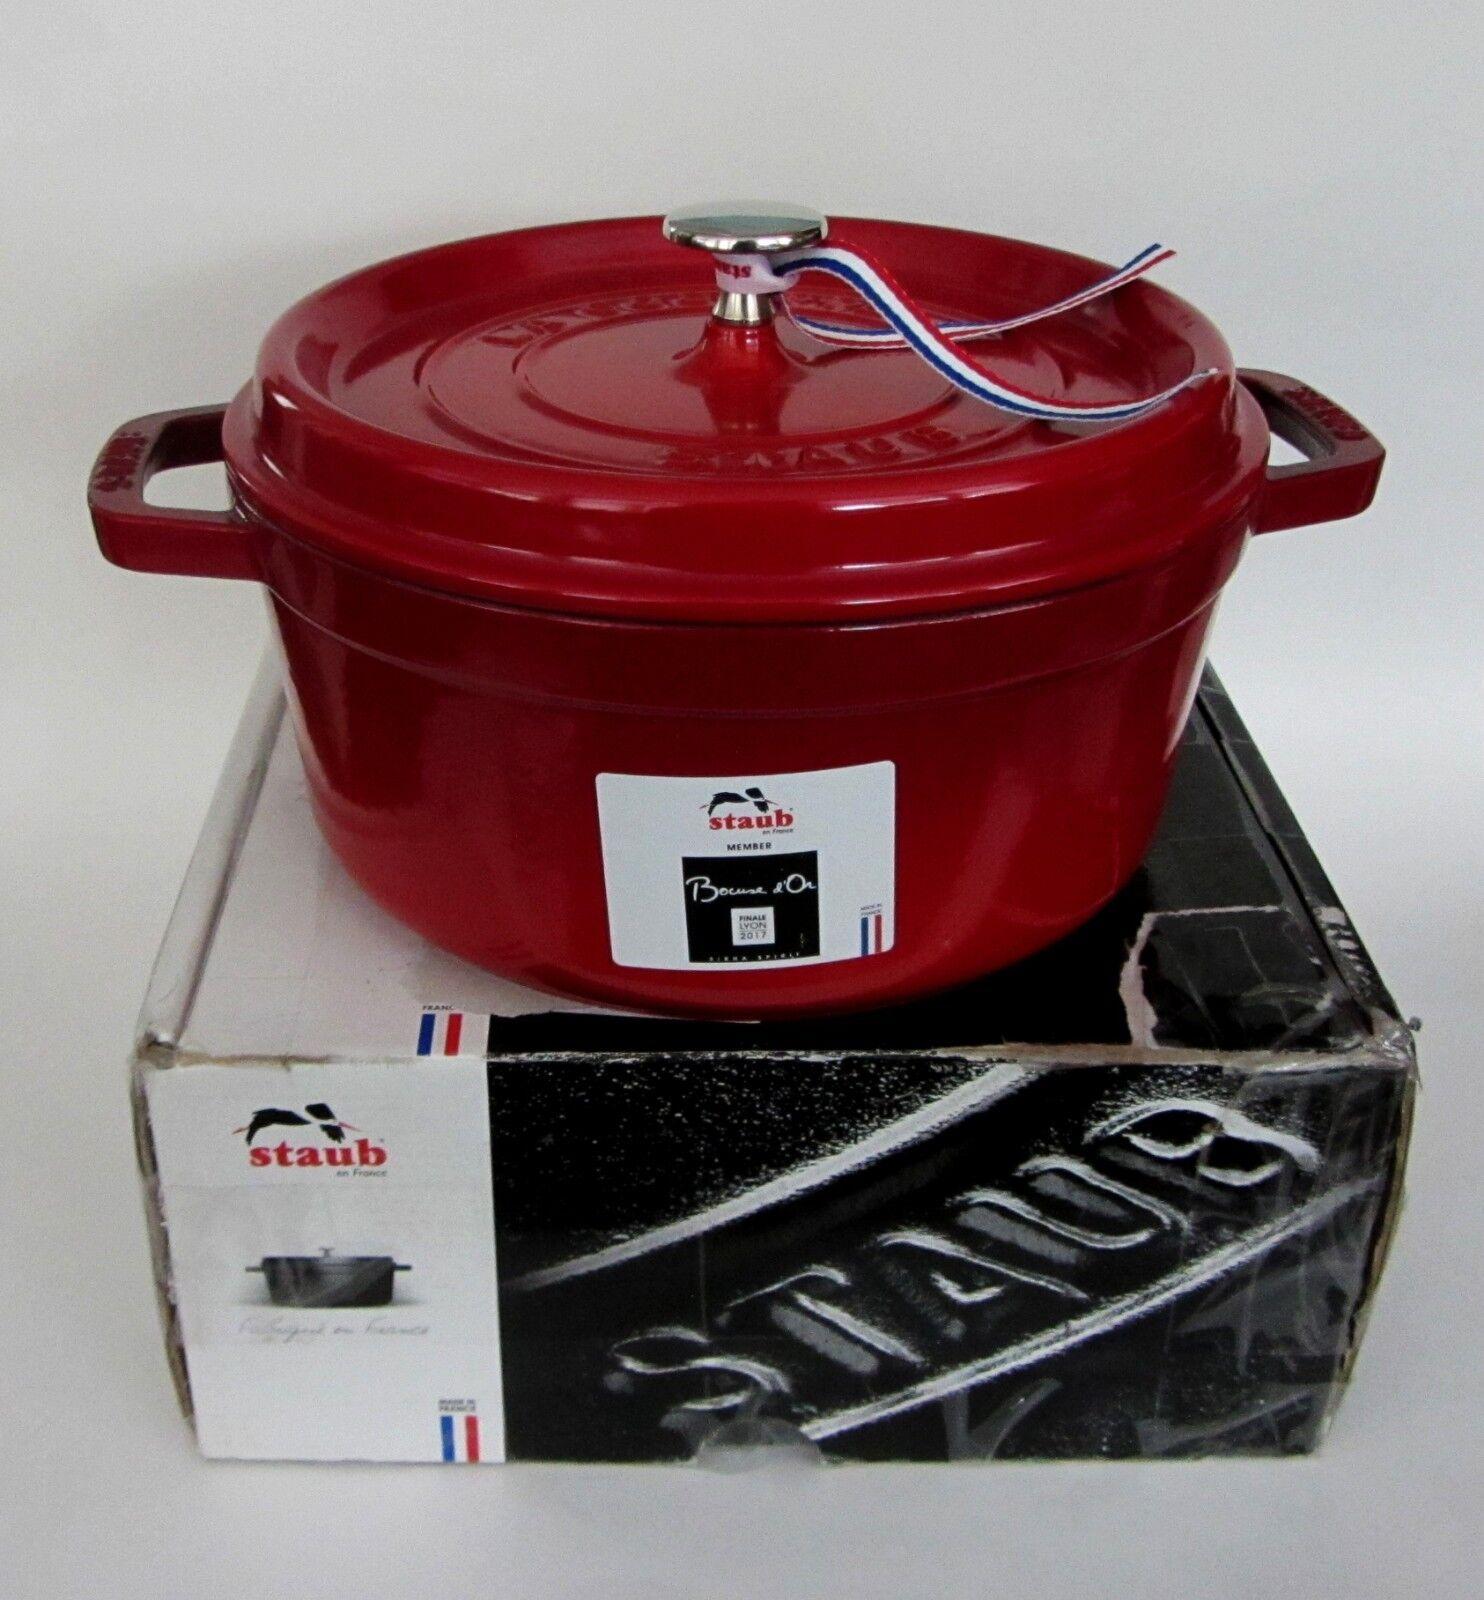 STAUB Round Cocotte en fonte Casserole Pot W. couvercle (3.8 L) 4 Qt Rouge cerise NEUF